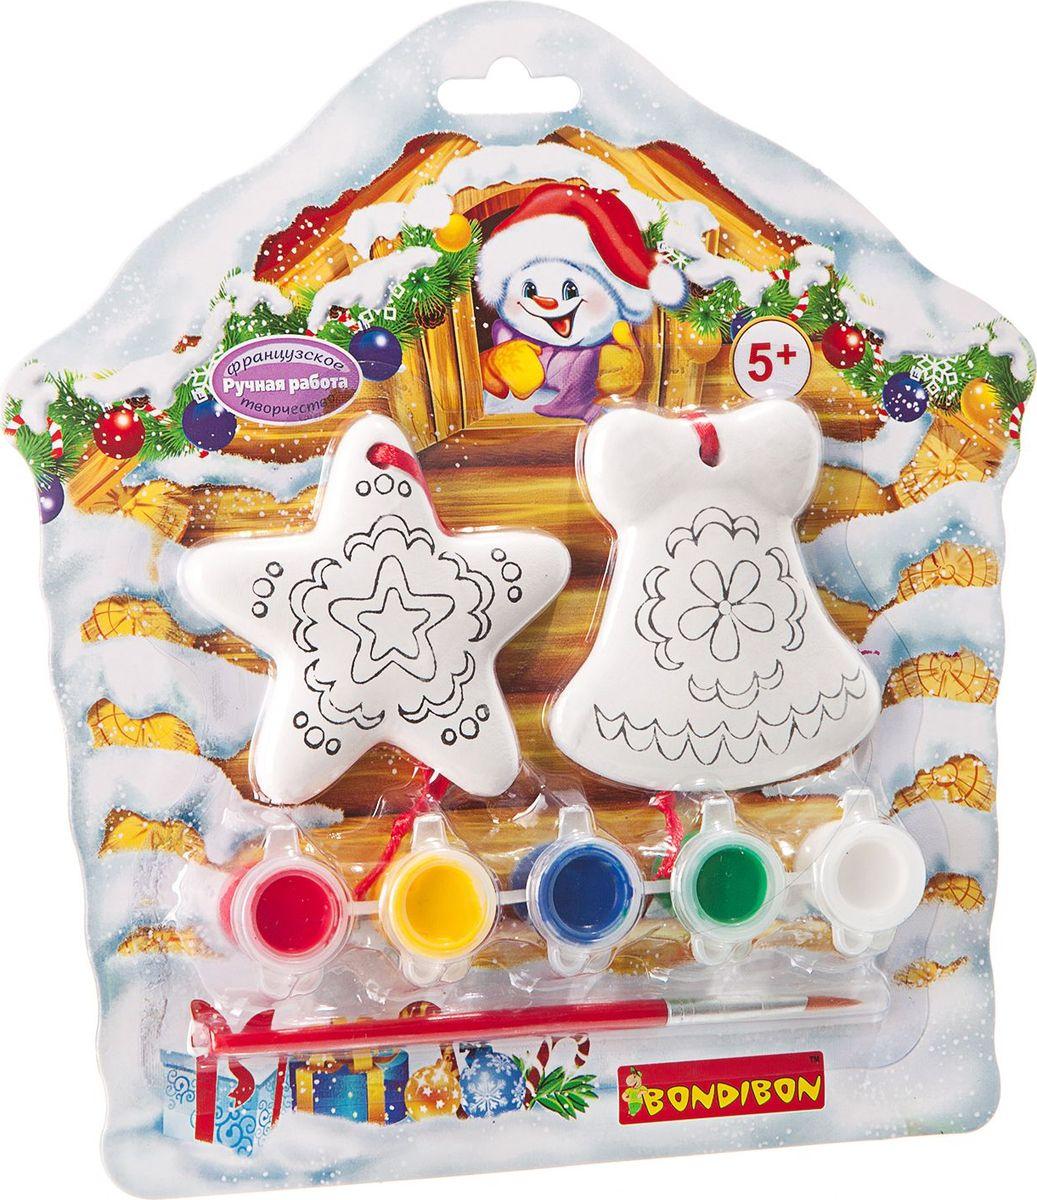 Bondibon Набор для изготовления игрушек Ёлочные украшения ВВ1688 bondibon набор для изготовления игрушек из помпонов домашние питомцы